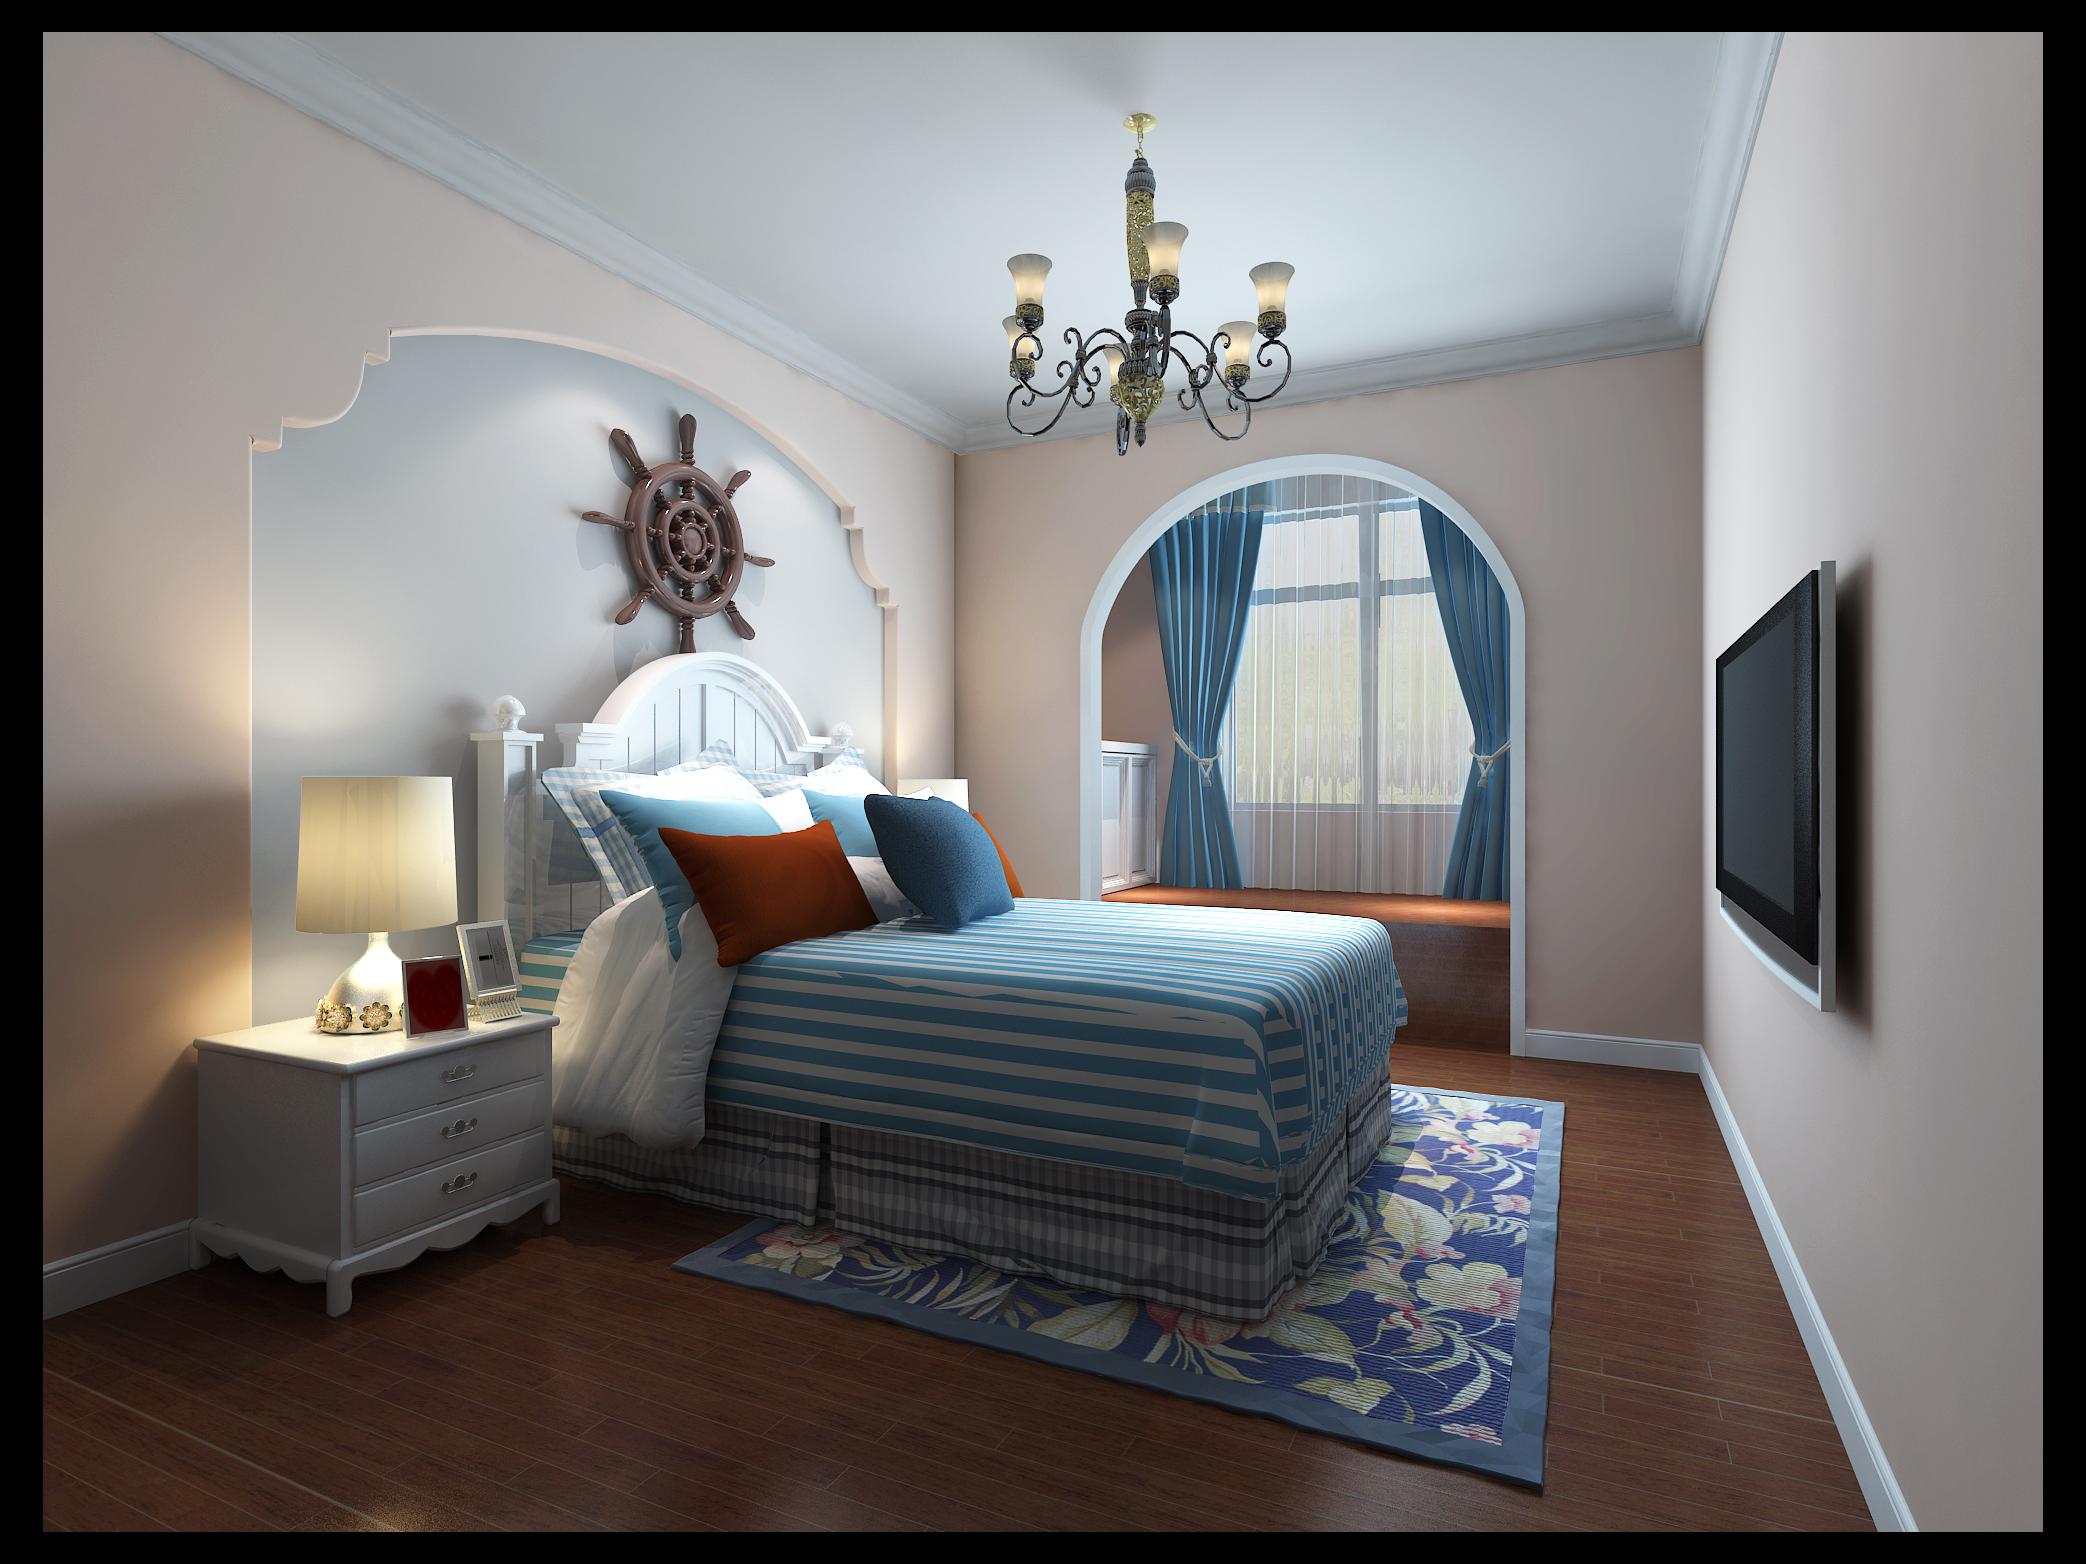 旧房改造 收纳 二居 卧室图片来自今朝装饰老房专线在中式情节 老房简单时尚的分享